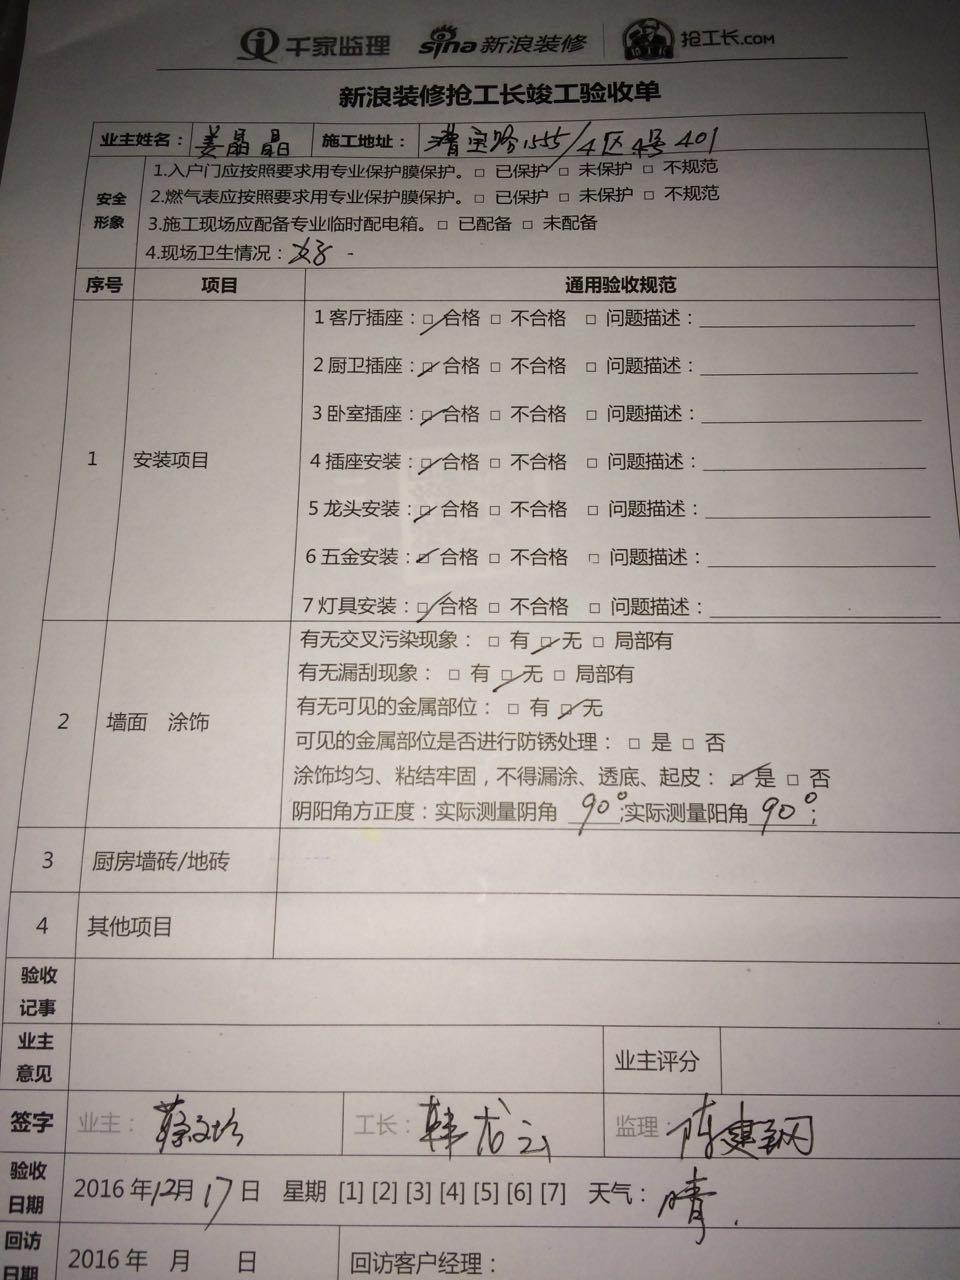 【监理报告】韩龙云工长的三居室中期工程